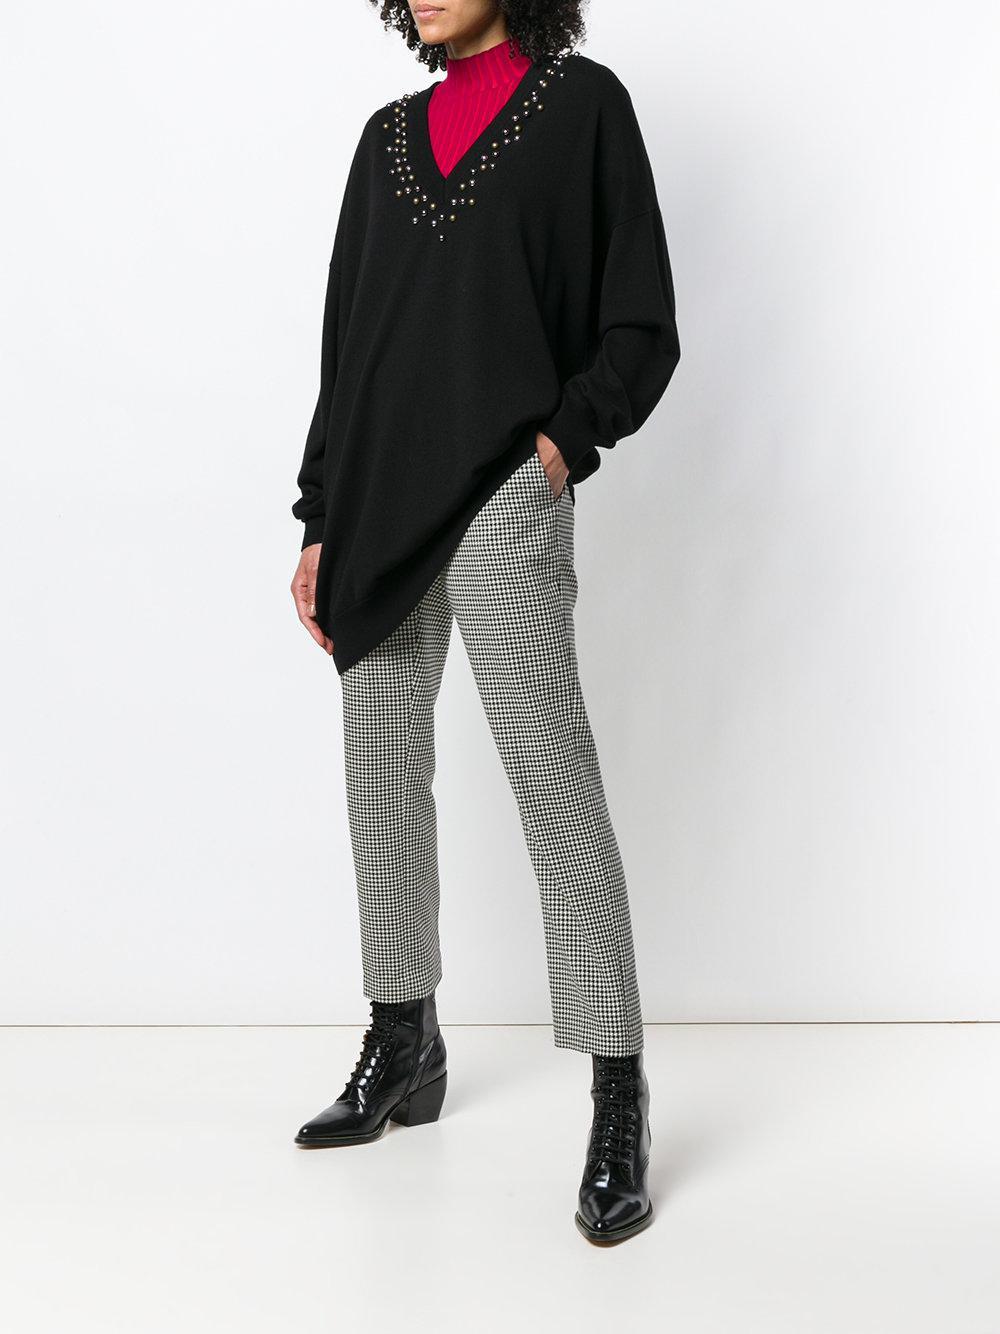 3ecc37fa778 Givenchy Noir Cloutée En Encolure Oversize Pull Coloris À Lyst OHqgw